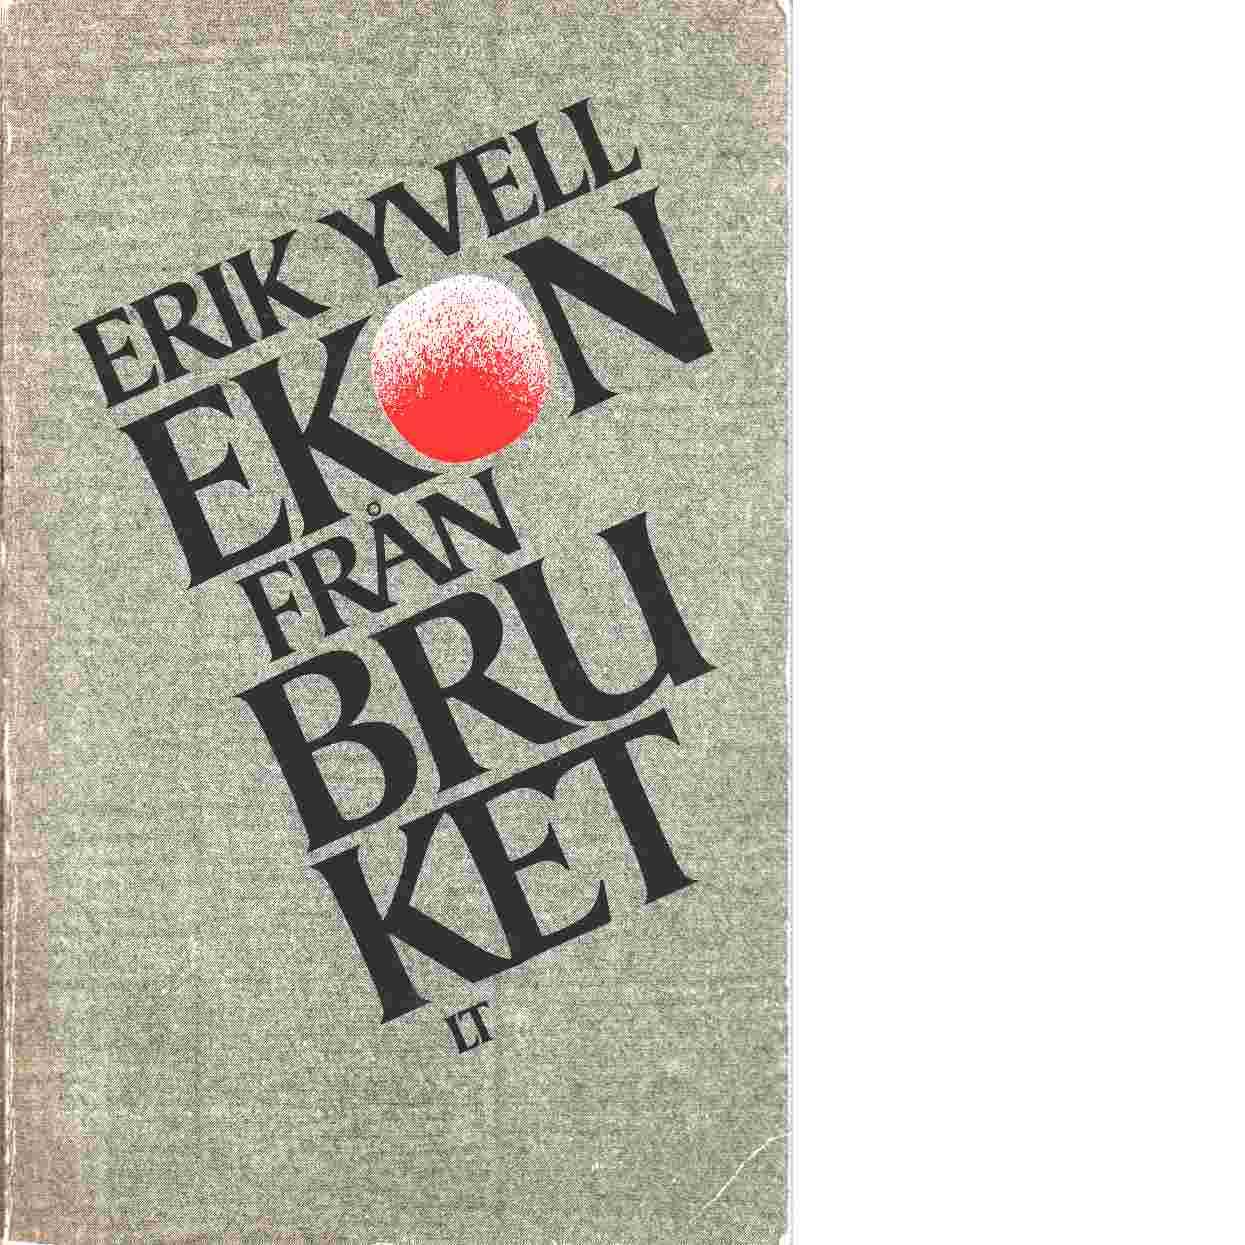 Ekon från bruket - Yvell Erik